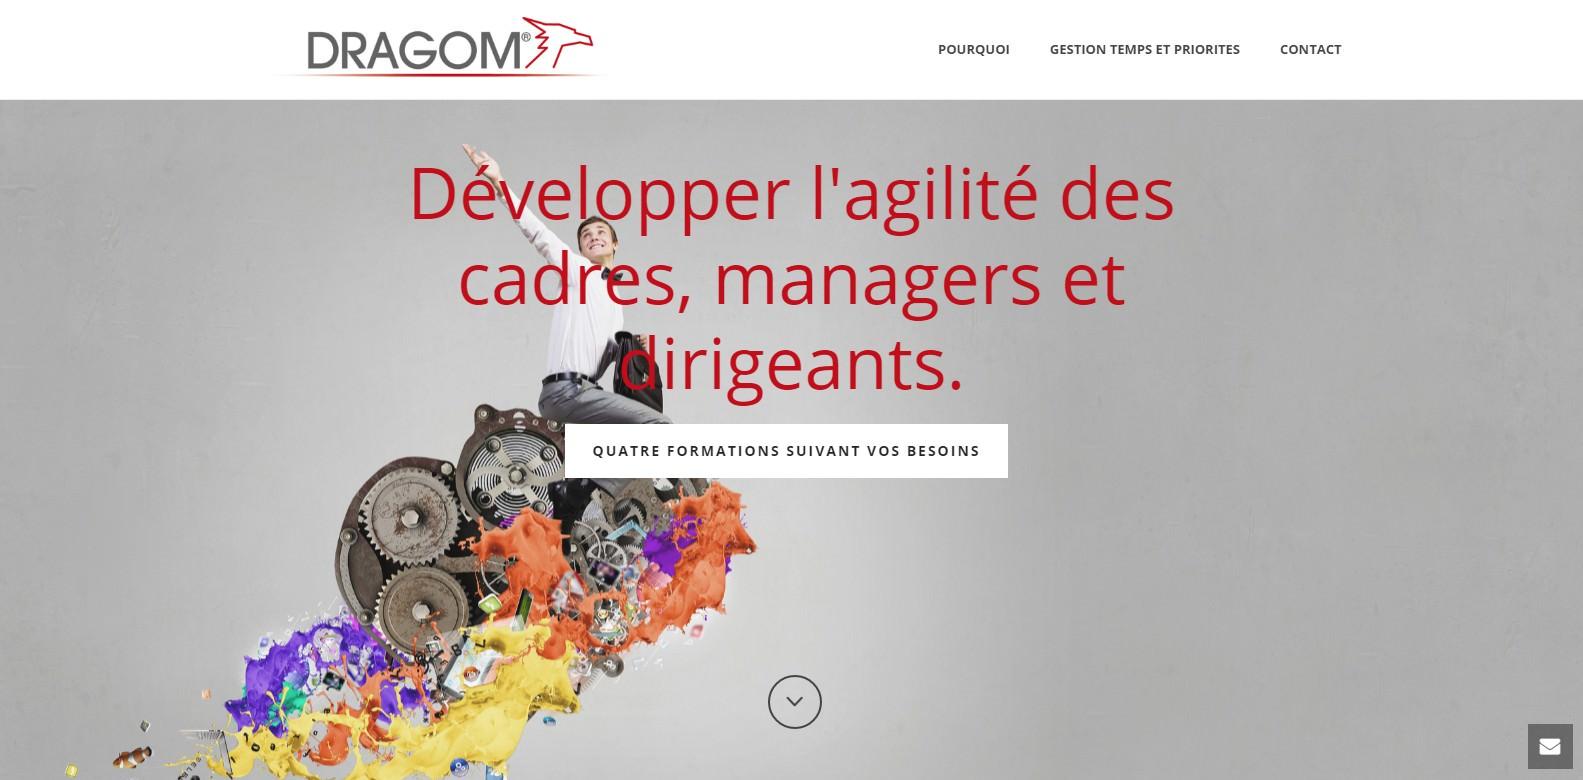 Site DRAGOM pour la Gestion du Temps et des Priorités des managers